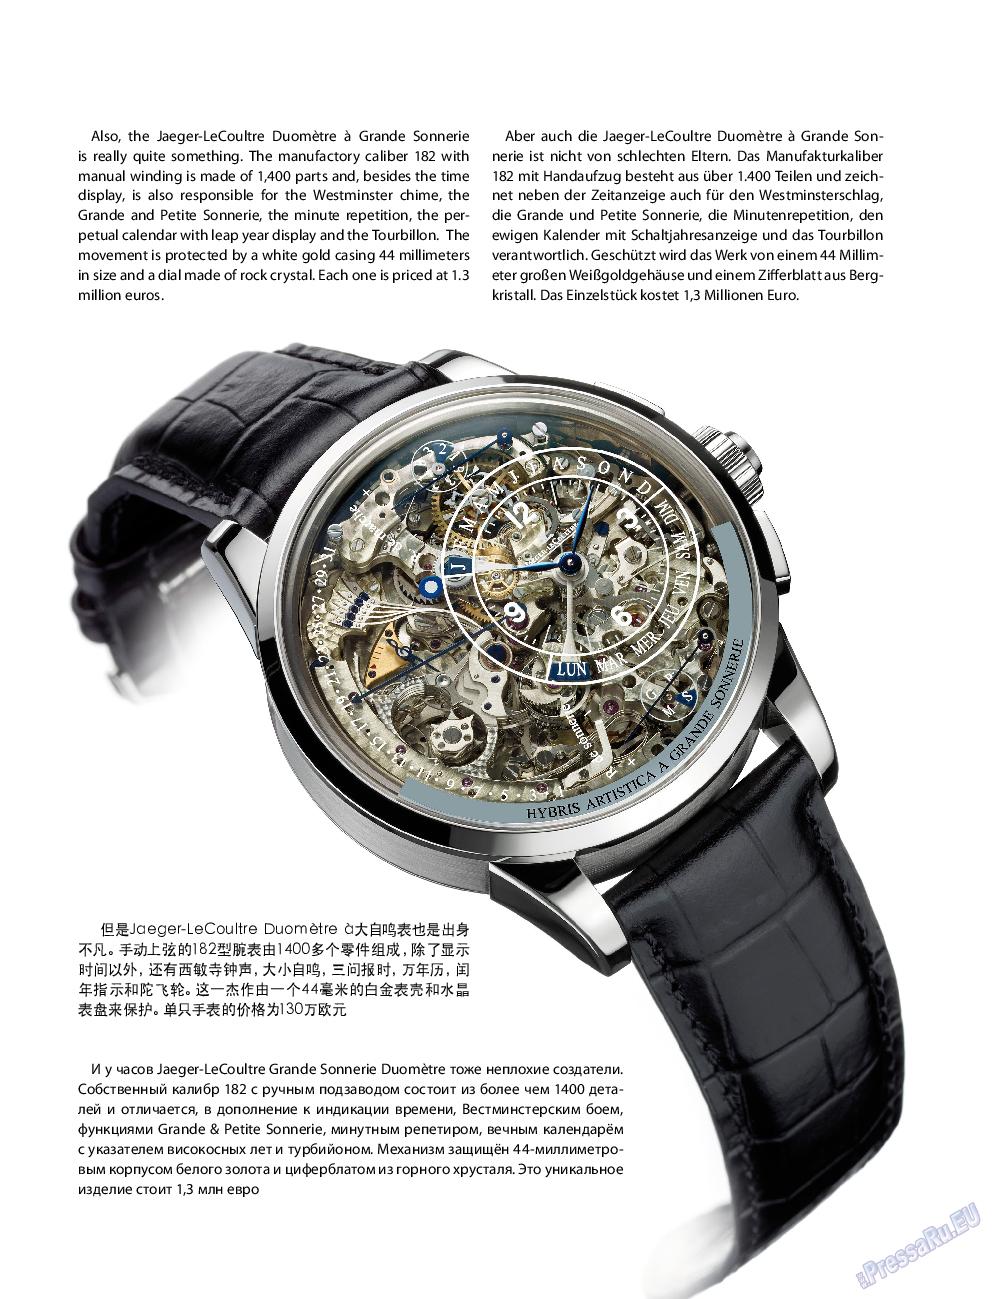 Клан (журнал). 2015 год, номер 9, стр. 134